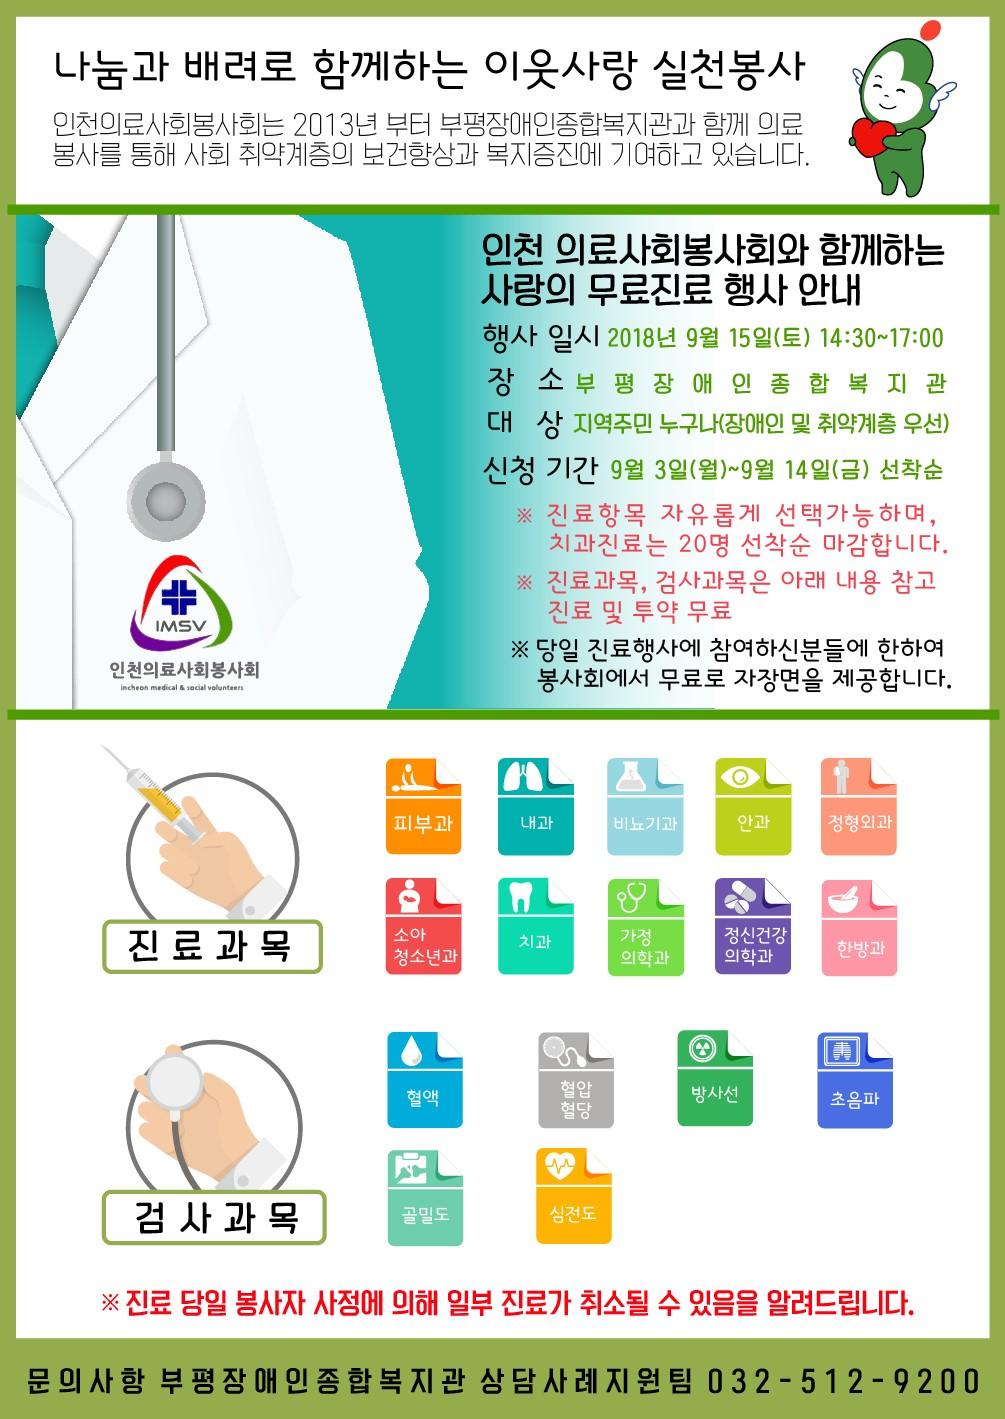 인천의료사회봉사회와 함께하는 무료진료 안내